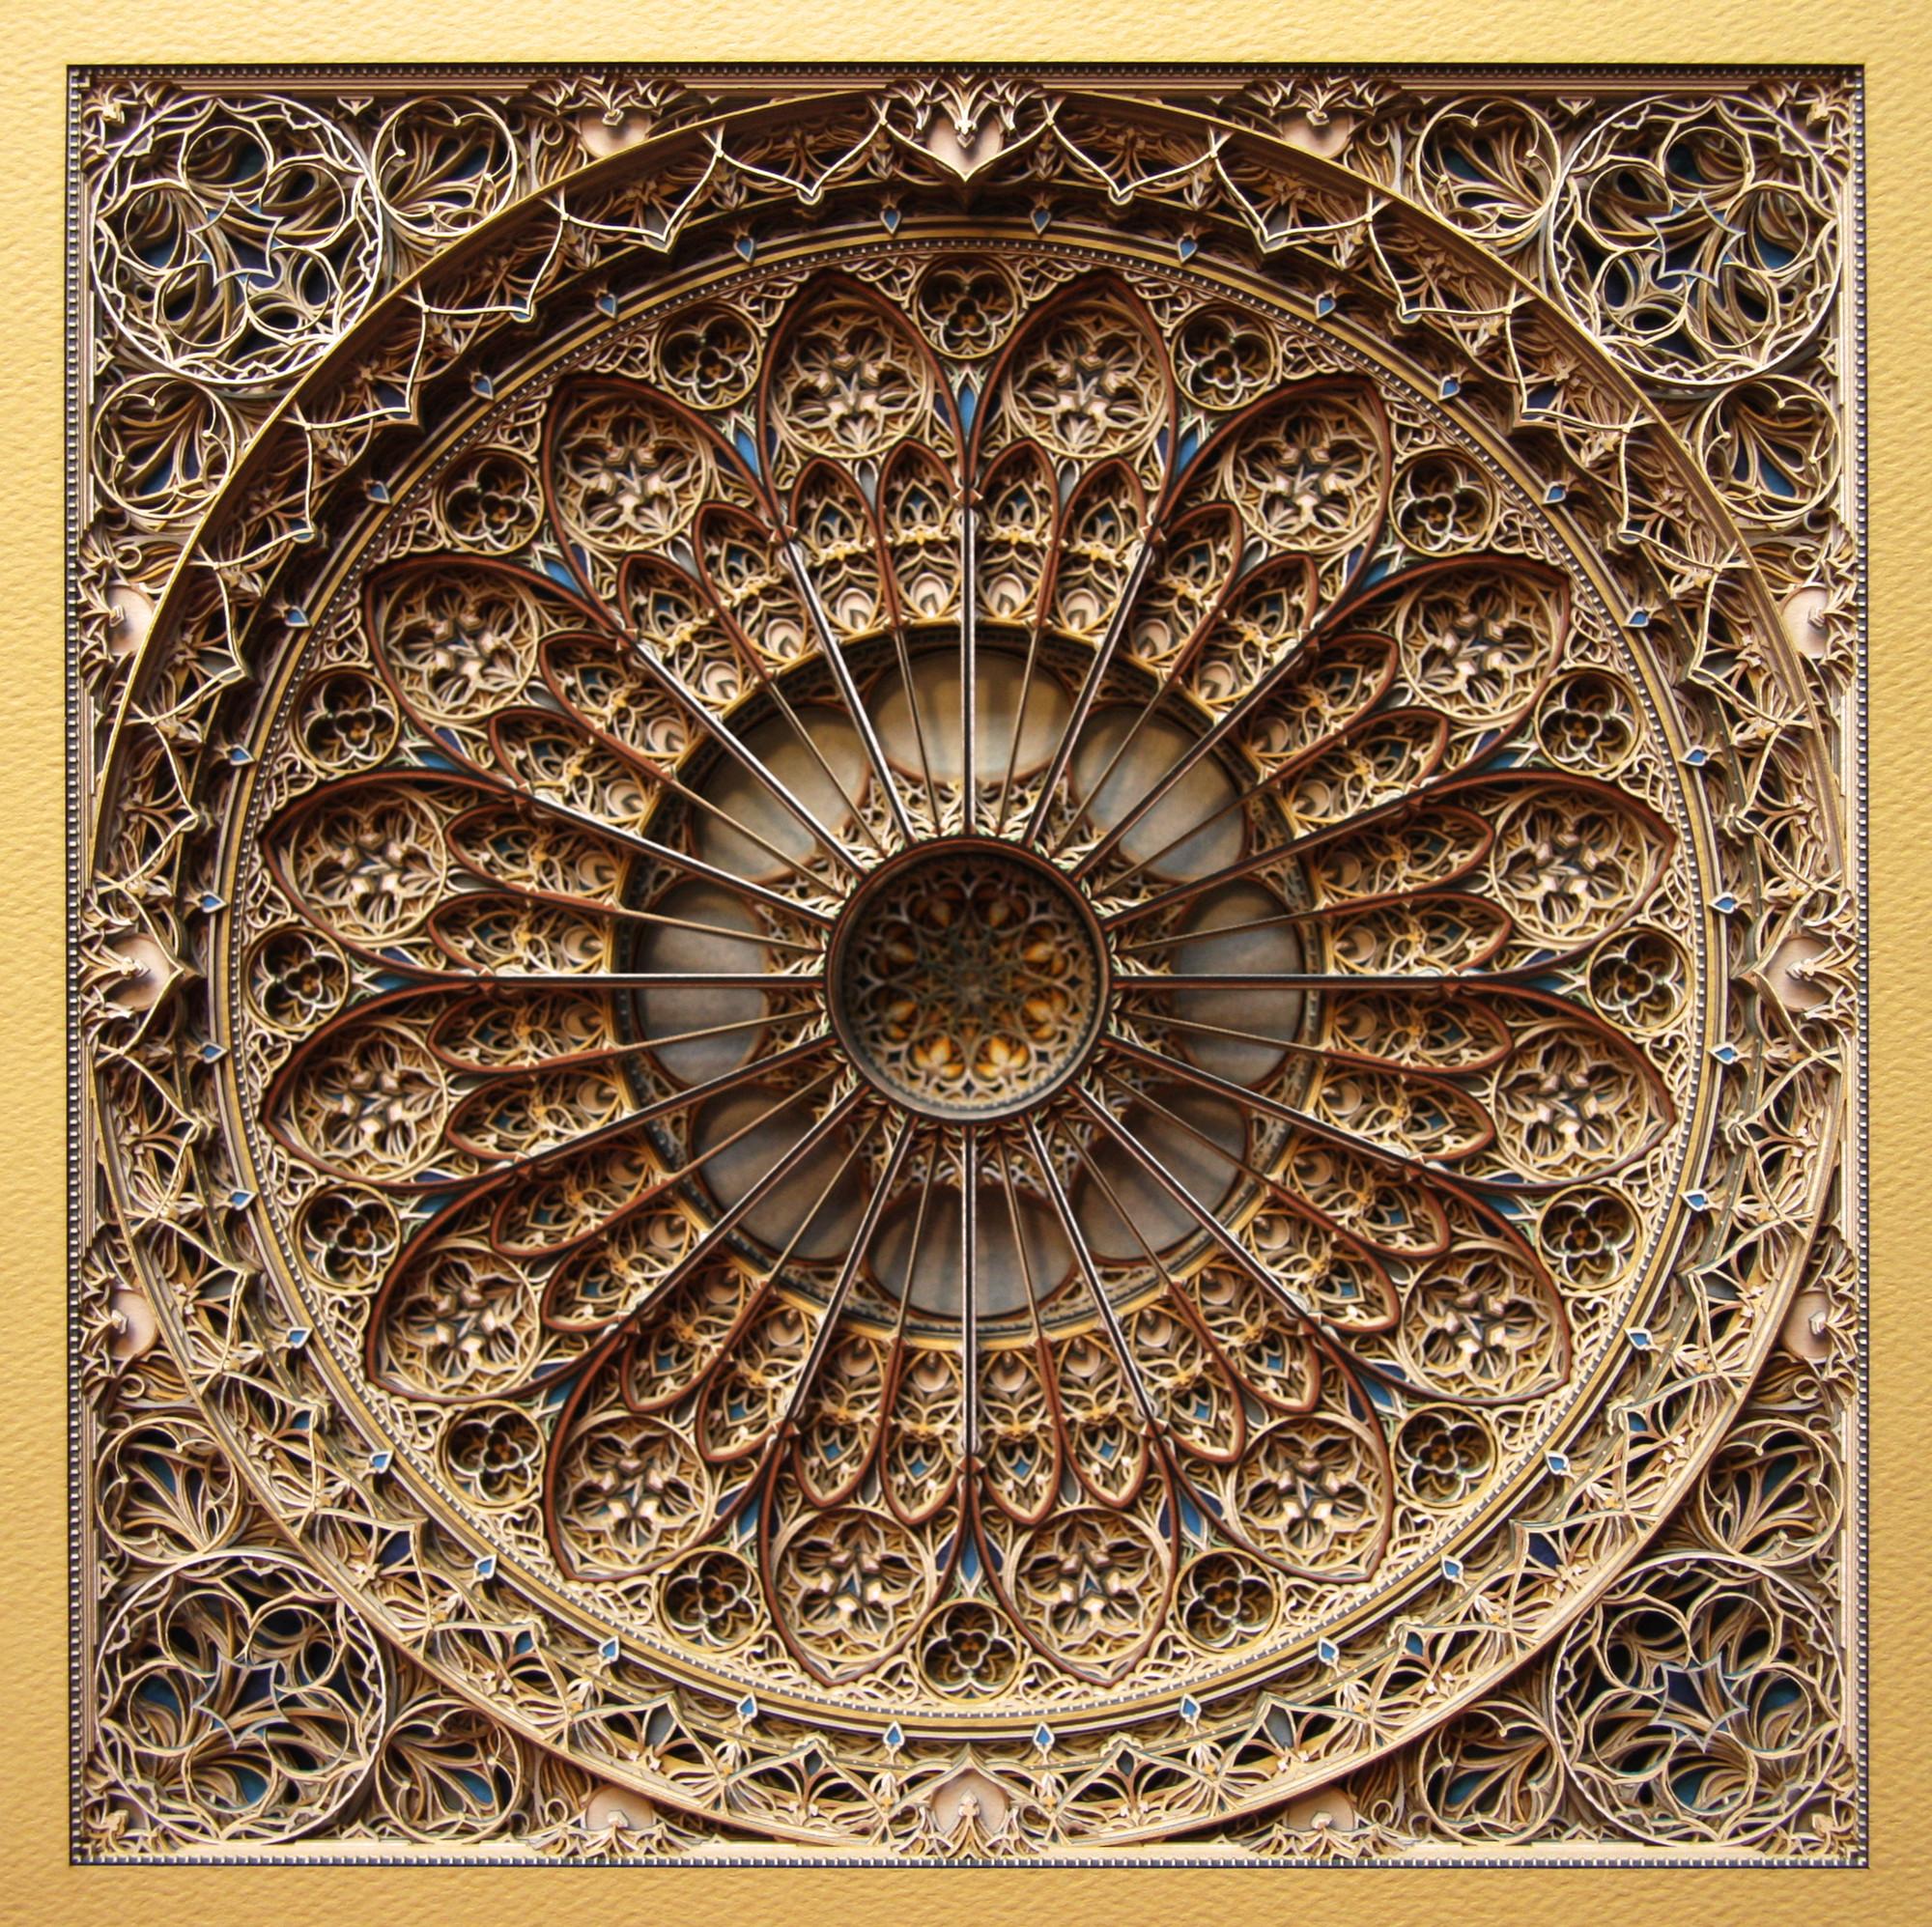 """Arte y Arquitectura: increíbles vitrales islámicos a partir de capas de papel recortado , Either/Or Newmarch, papel cortado, 20""""x20"""", 2013. Image Courtesy of Eric Standley"""